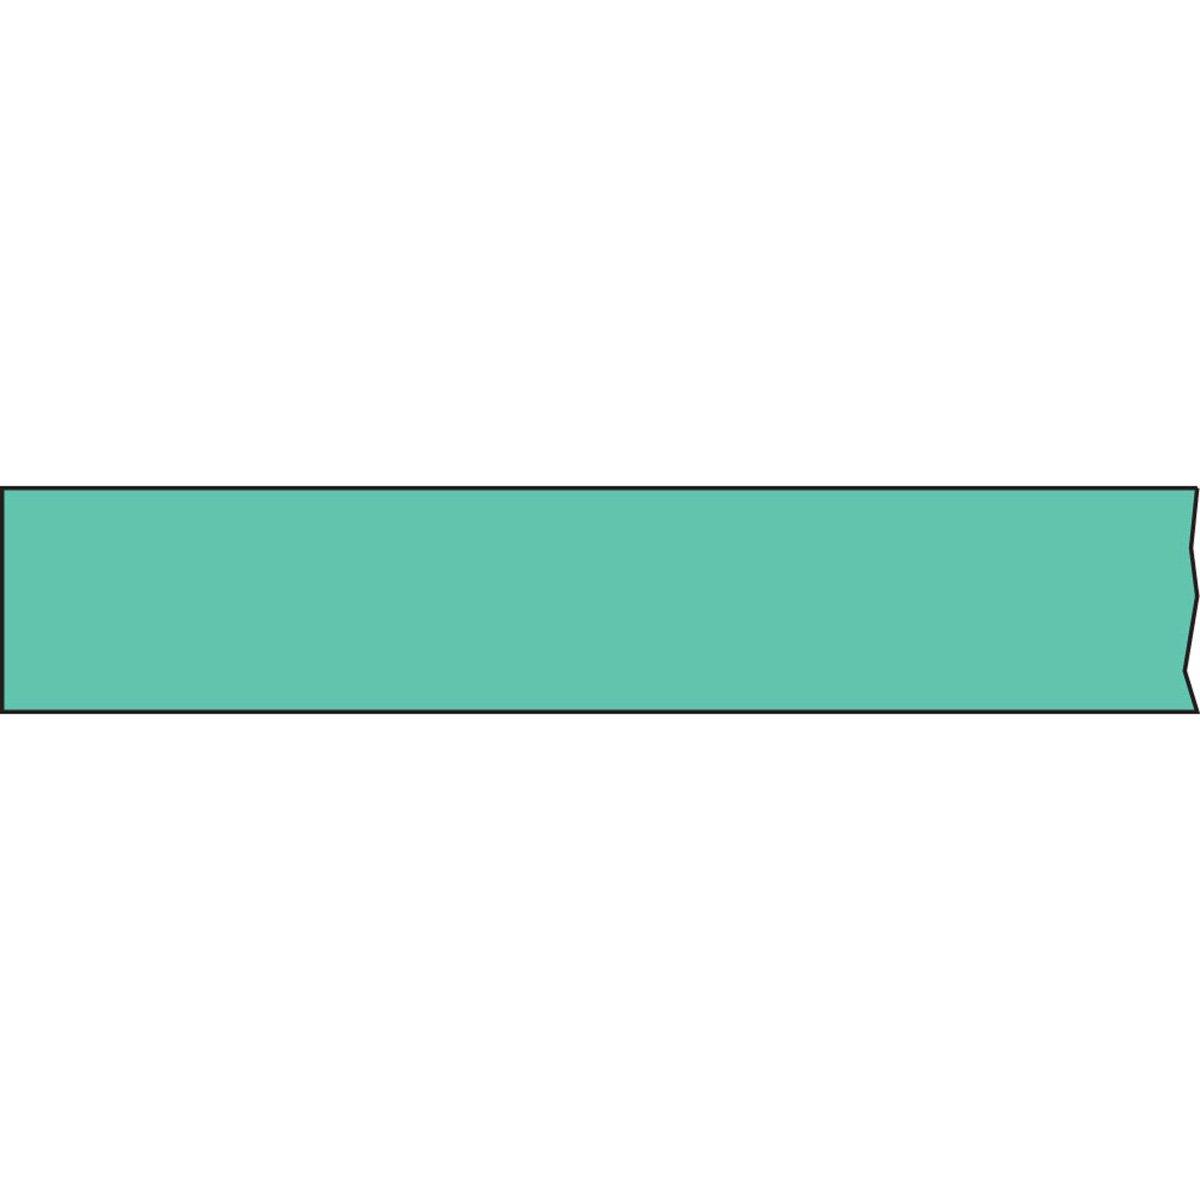 TIMETAPE T-534-16 Tape, Removable, 1